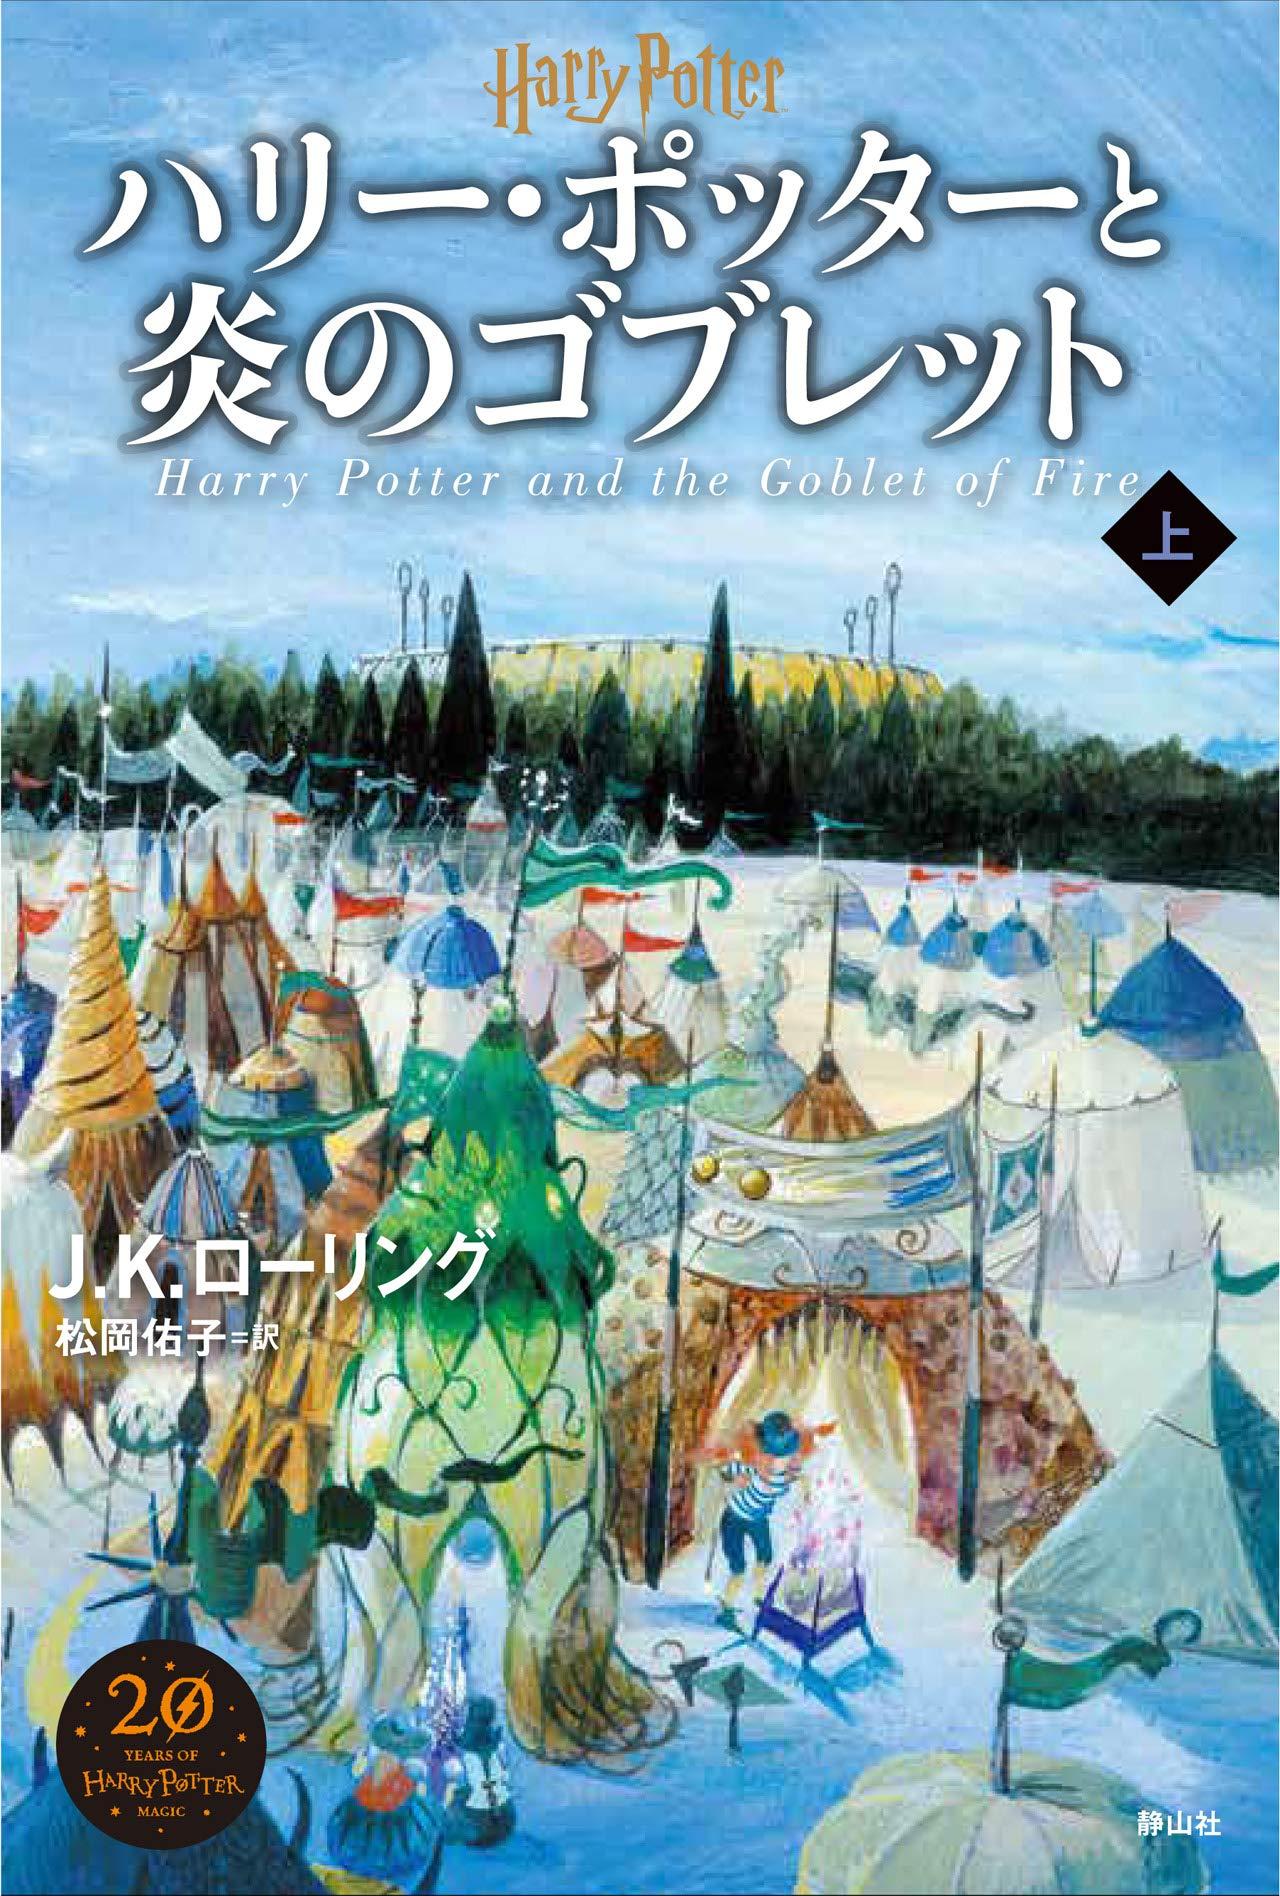 Couverture japonaise de Harry Potter 4, partie 1, 2020